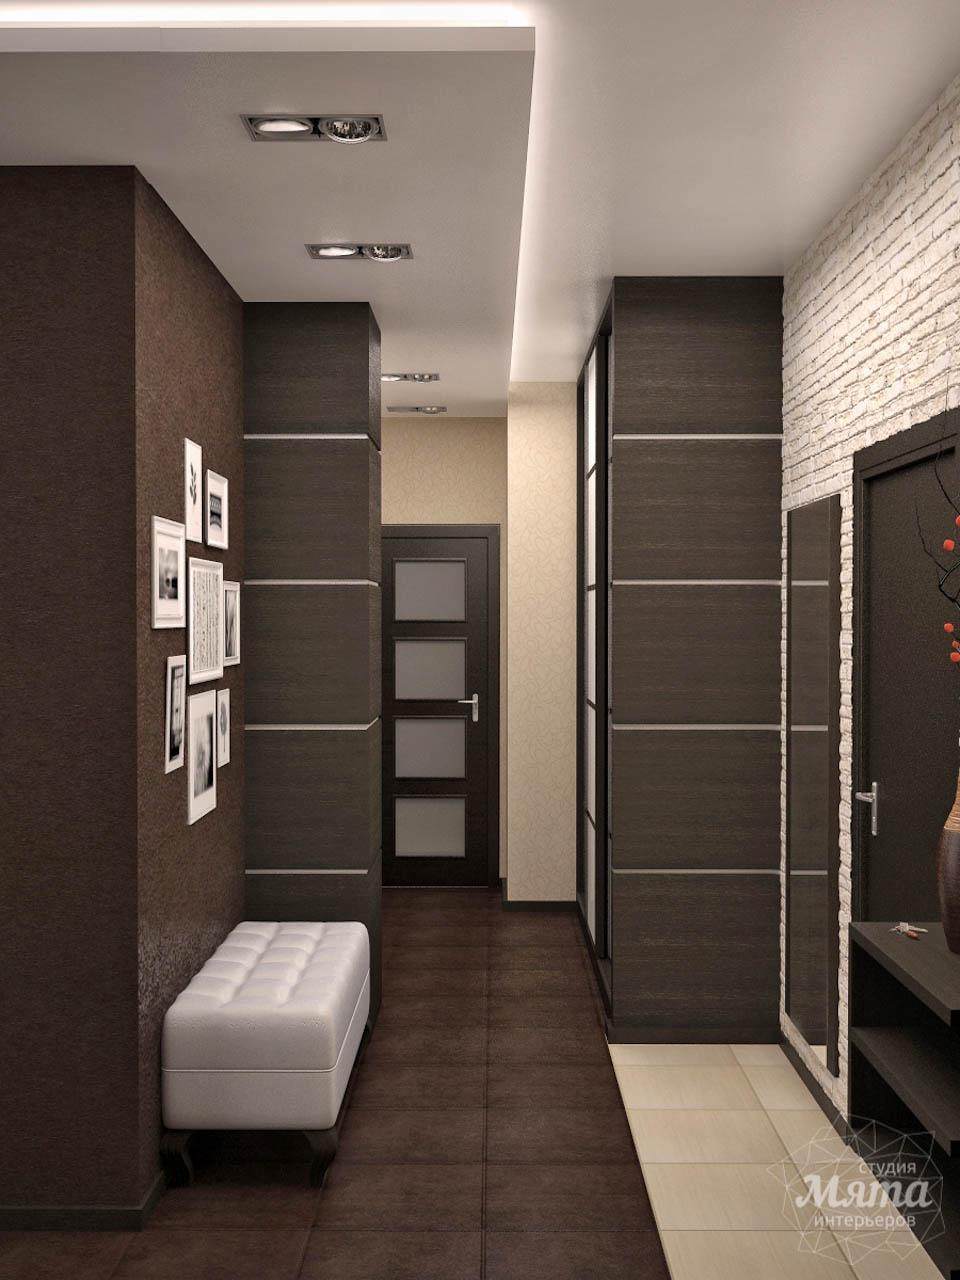 Дизайн интерьера трехкомнатной квартиры по ул. Папанина 18 img1678451337